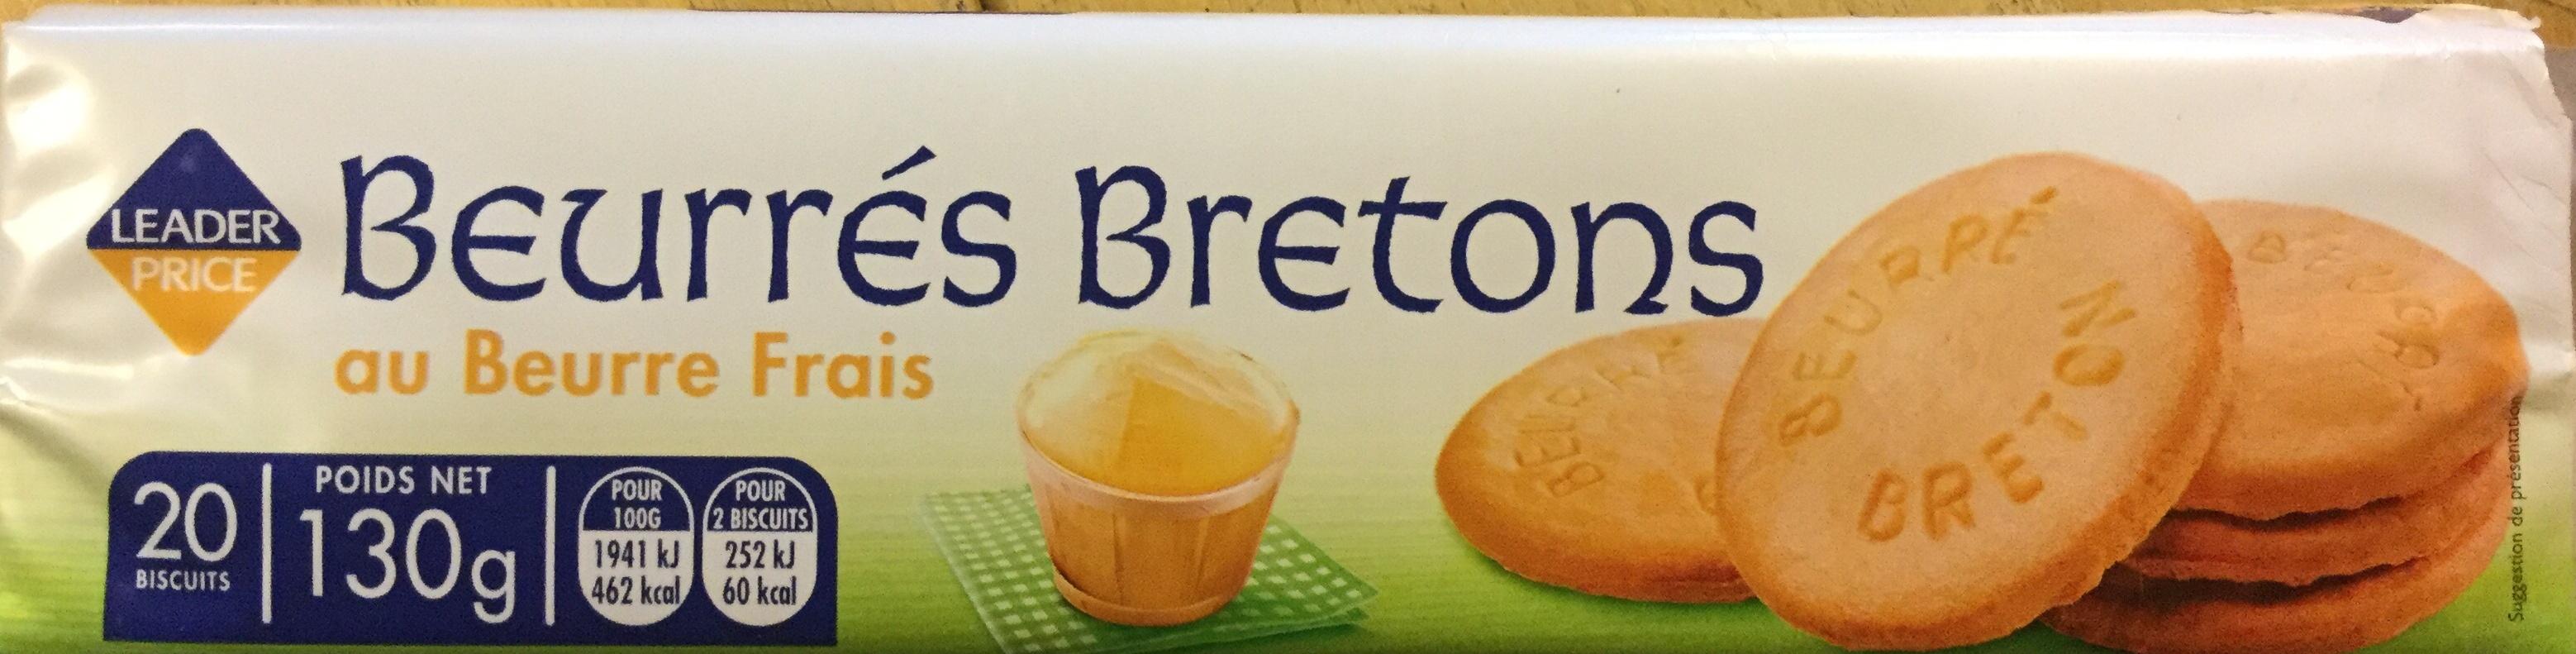 Beurrés Bretons - Produit - fr